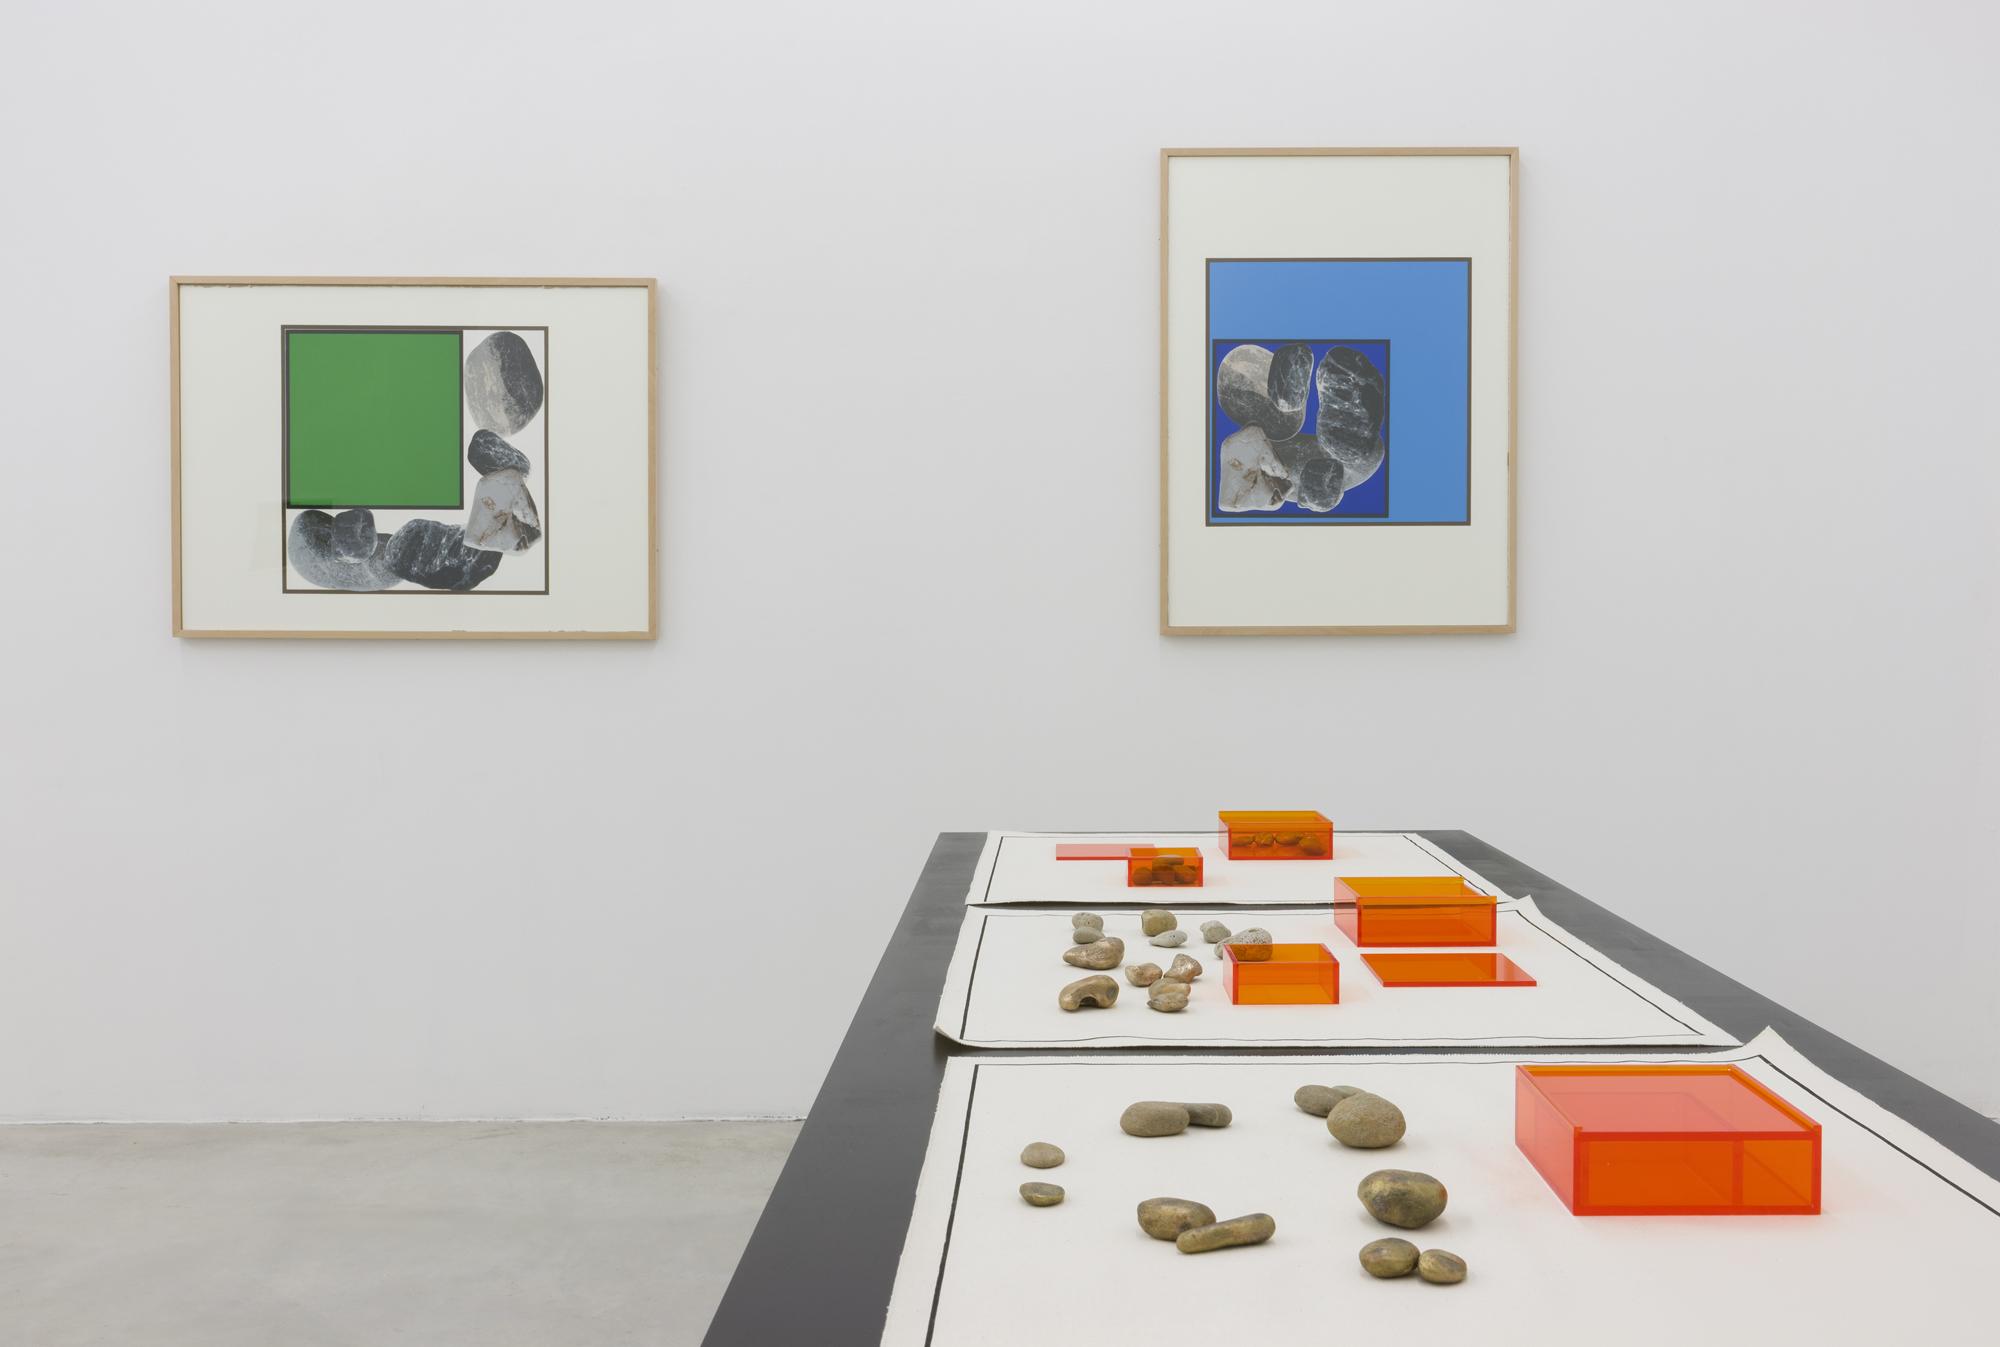 Exhibition view at Galerija Gregor Podnar, Berlin, 2015. Photo: Marcus Schneider